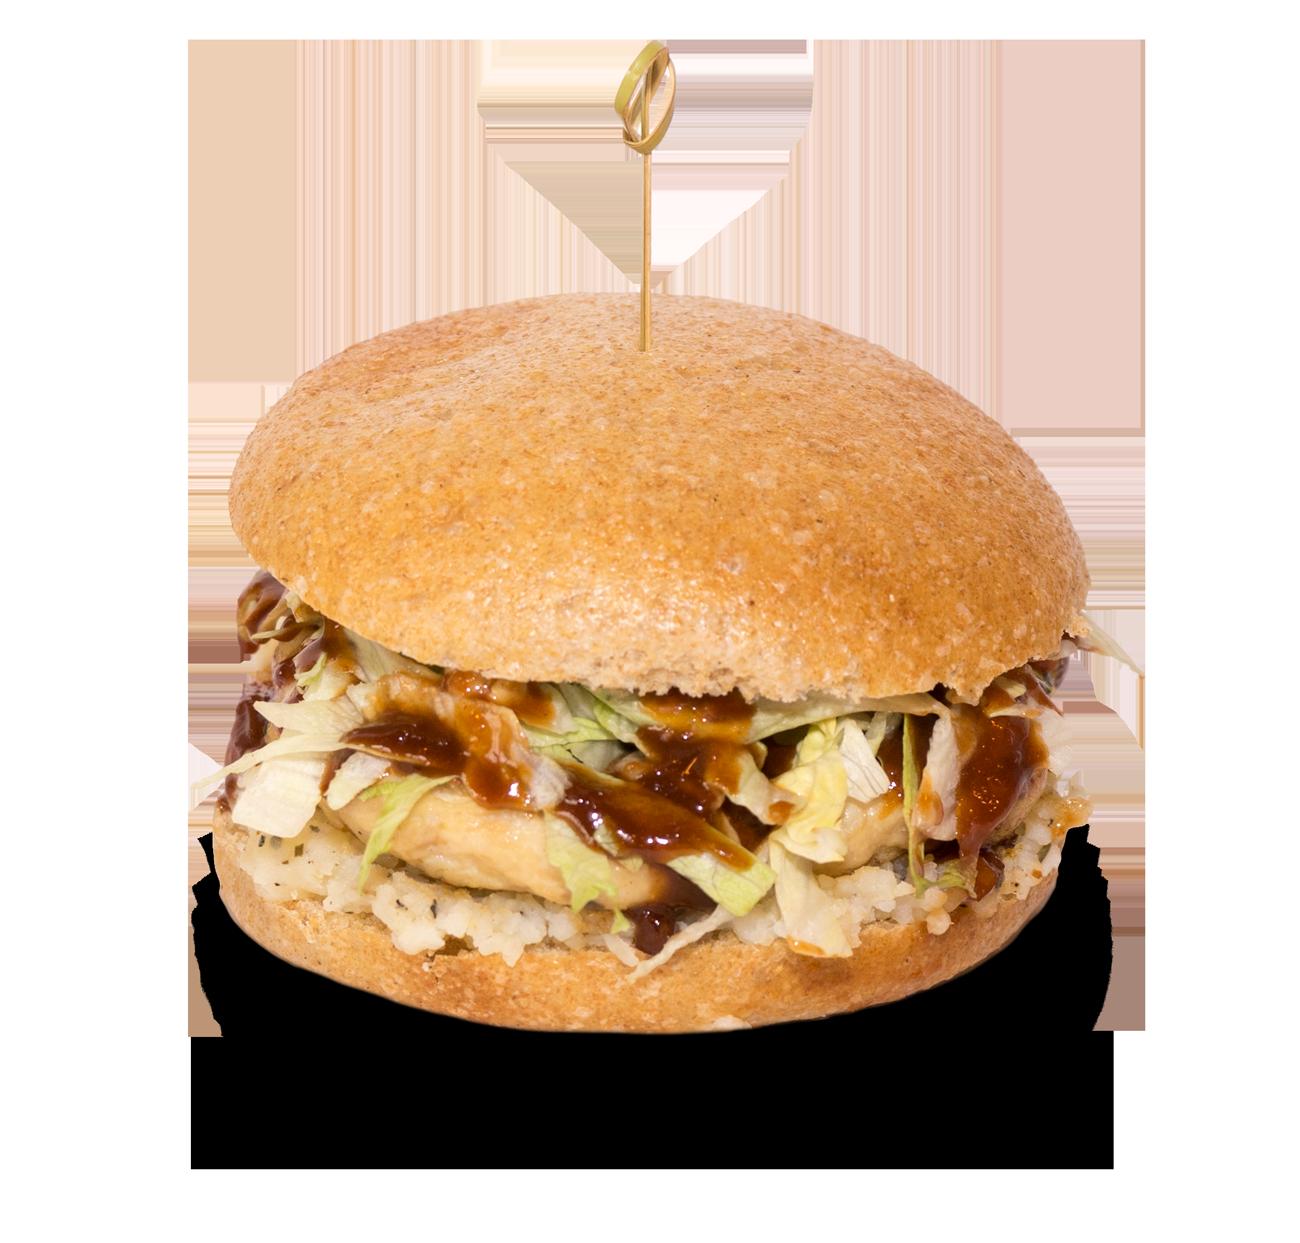 Octagon, panino con hamburger di pollo, patata schiacciata, lattuga e salsa BBQ.